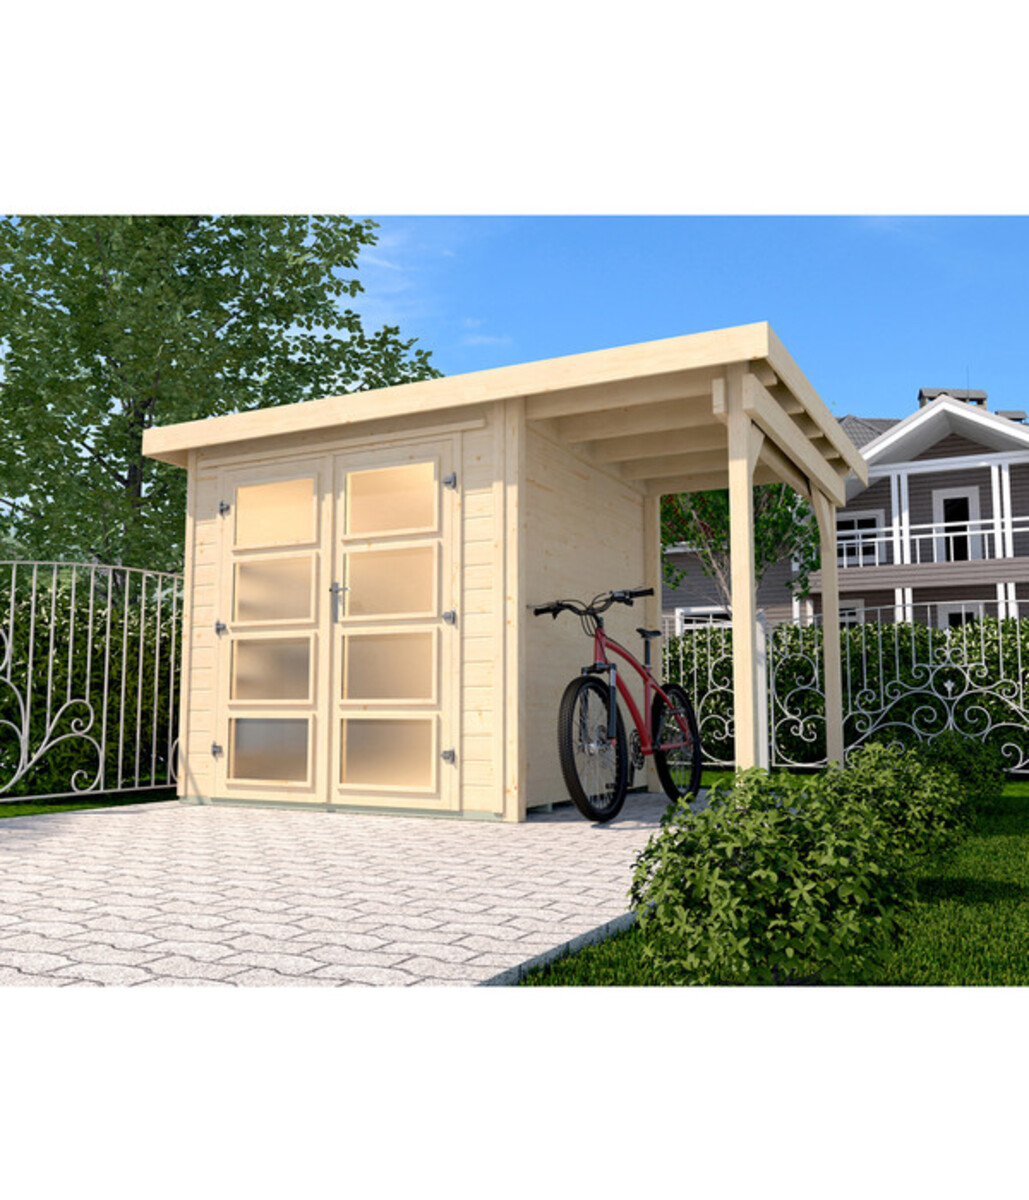 Bild 1 von Weka Gartenhaus 321 + 115 cm Anbau